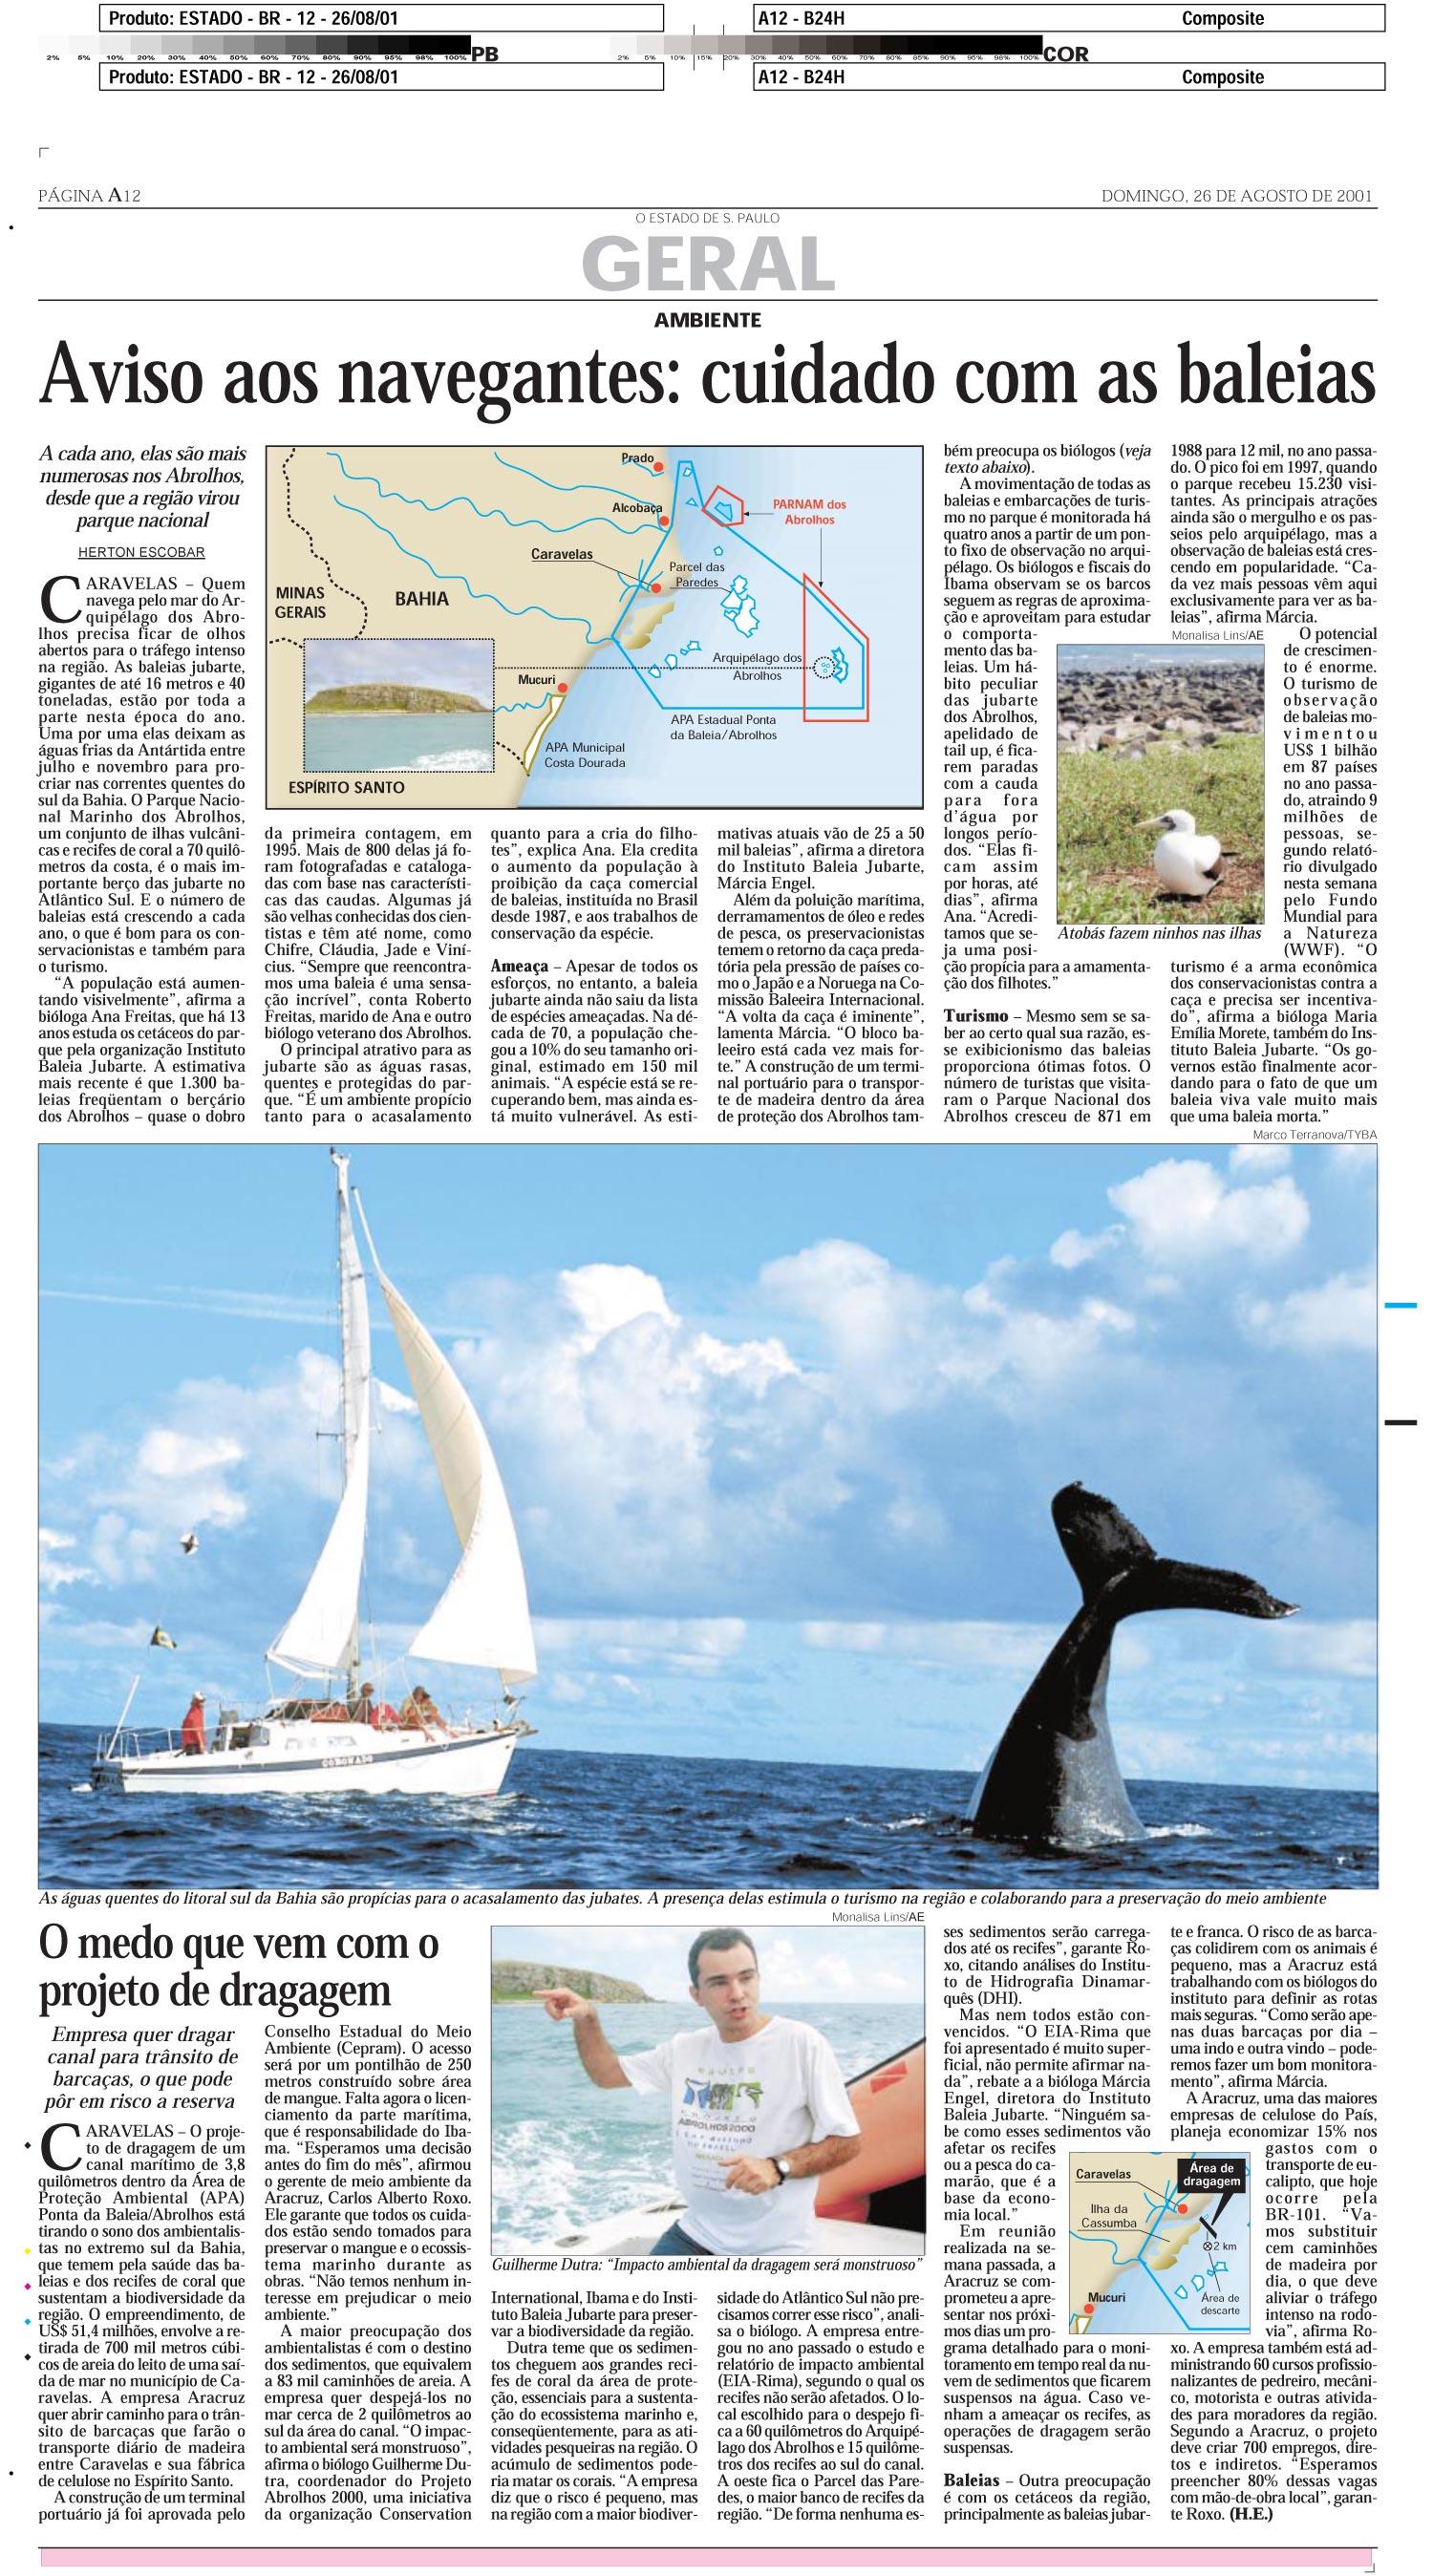 Aviso aos navegantes: cuidado com as baleias